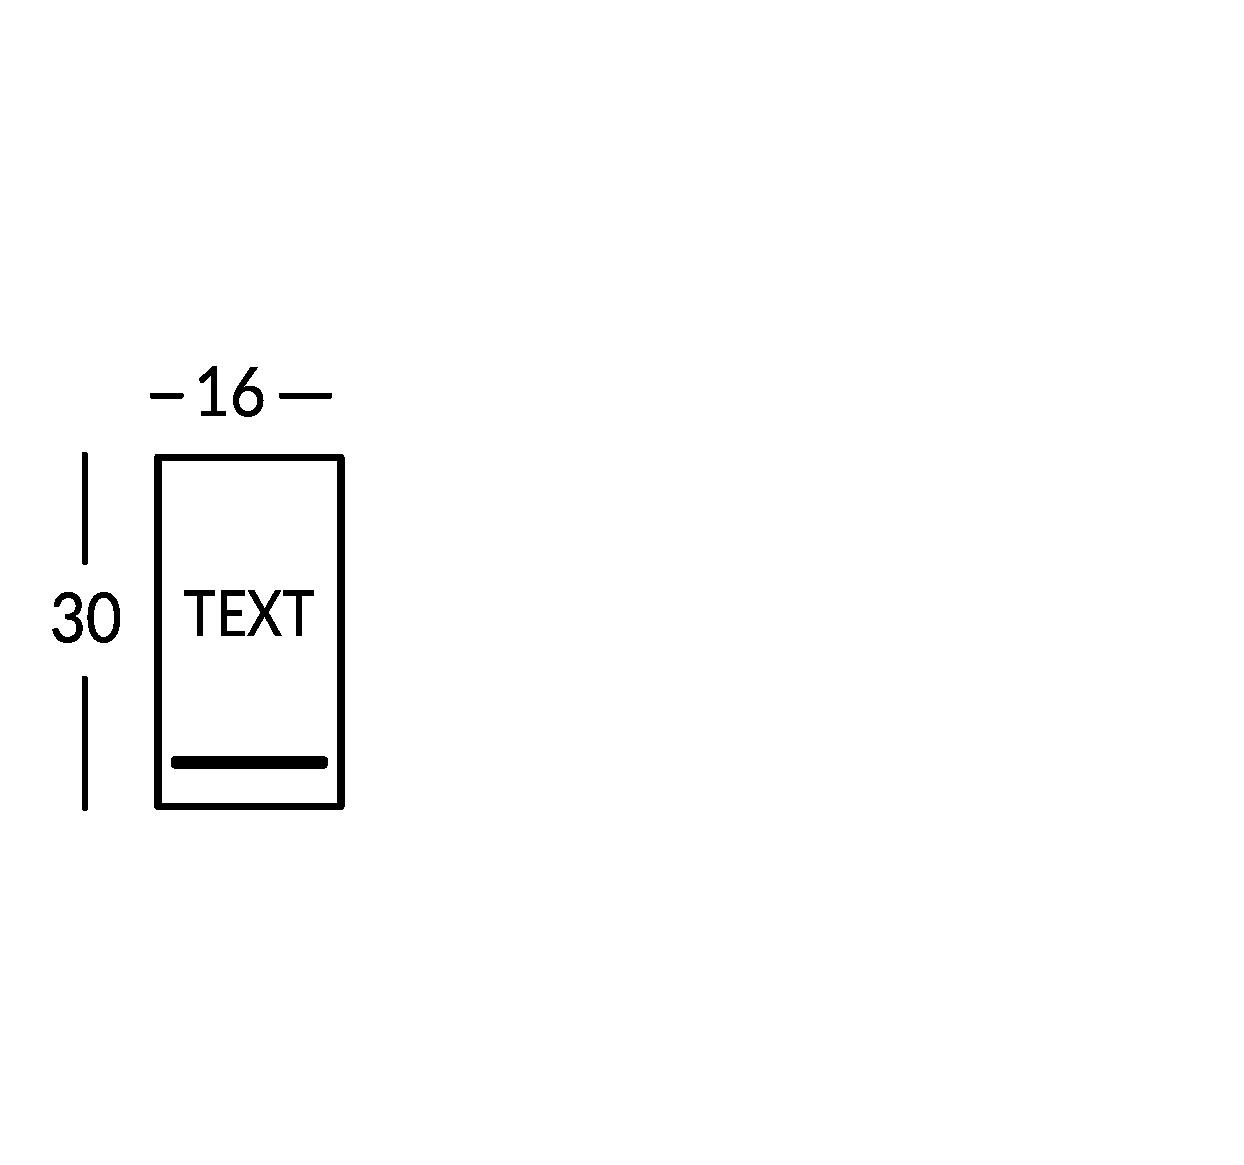 Großes Schild mit 1 Textzeile